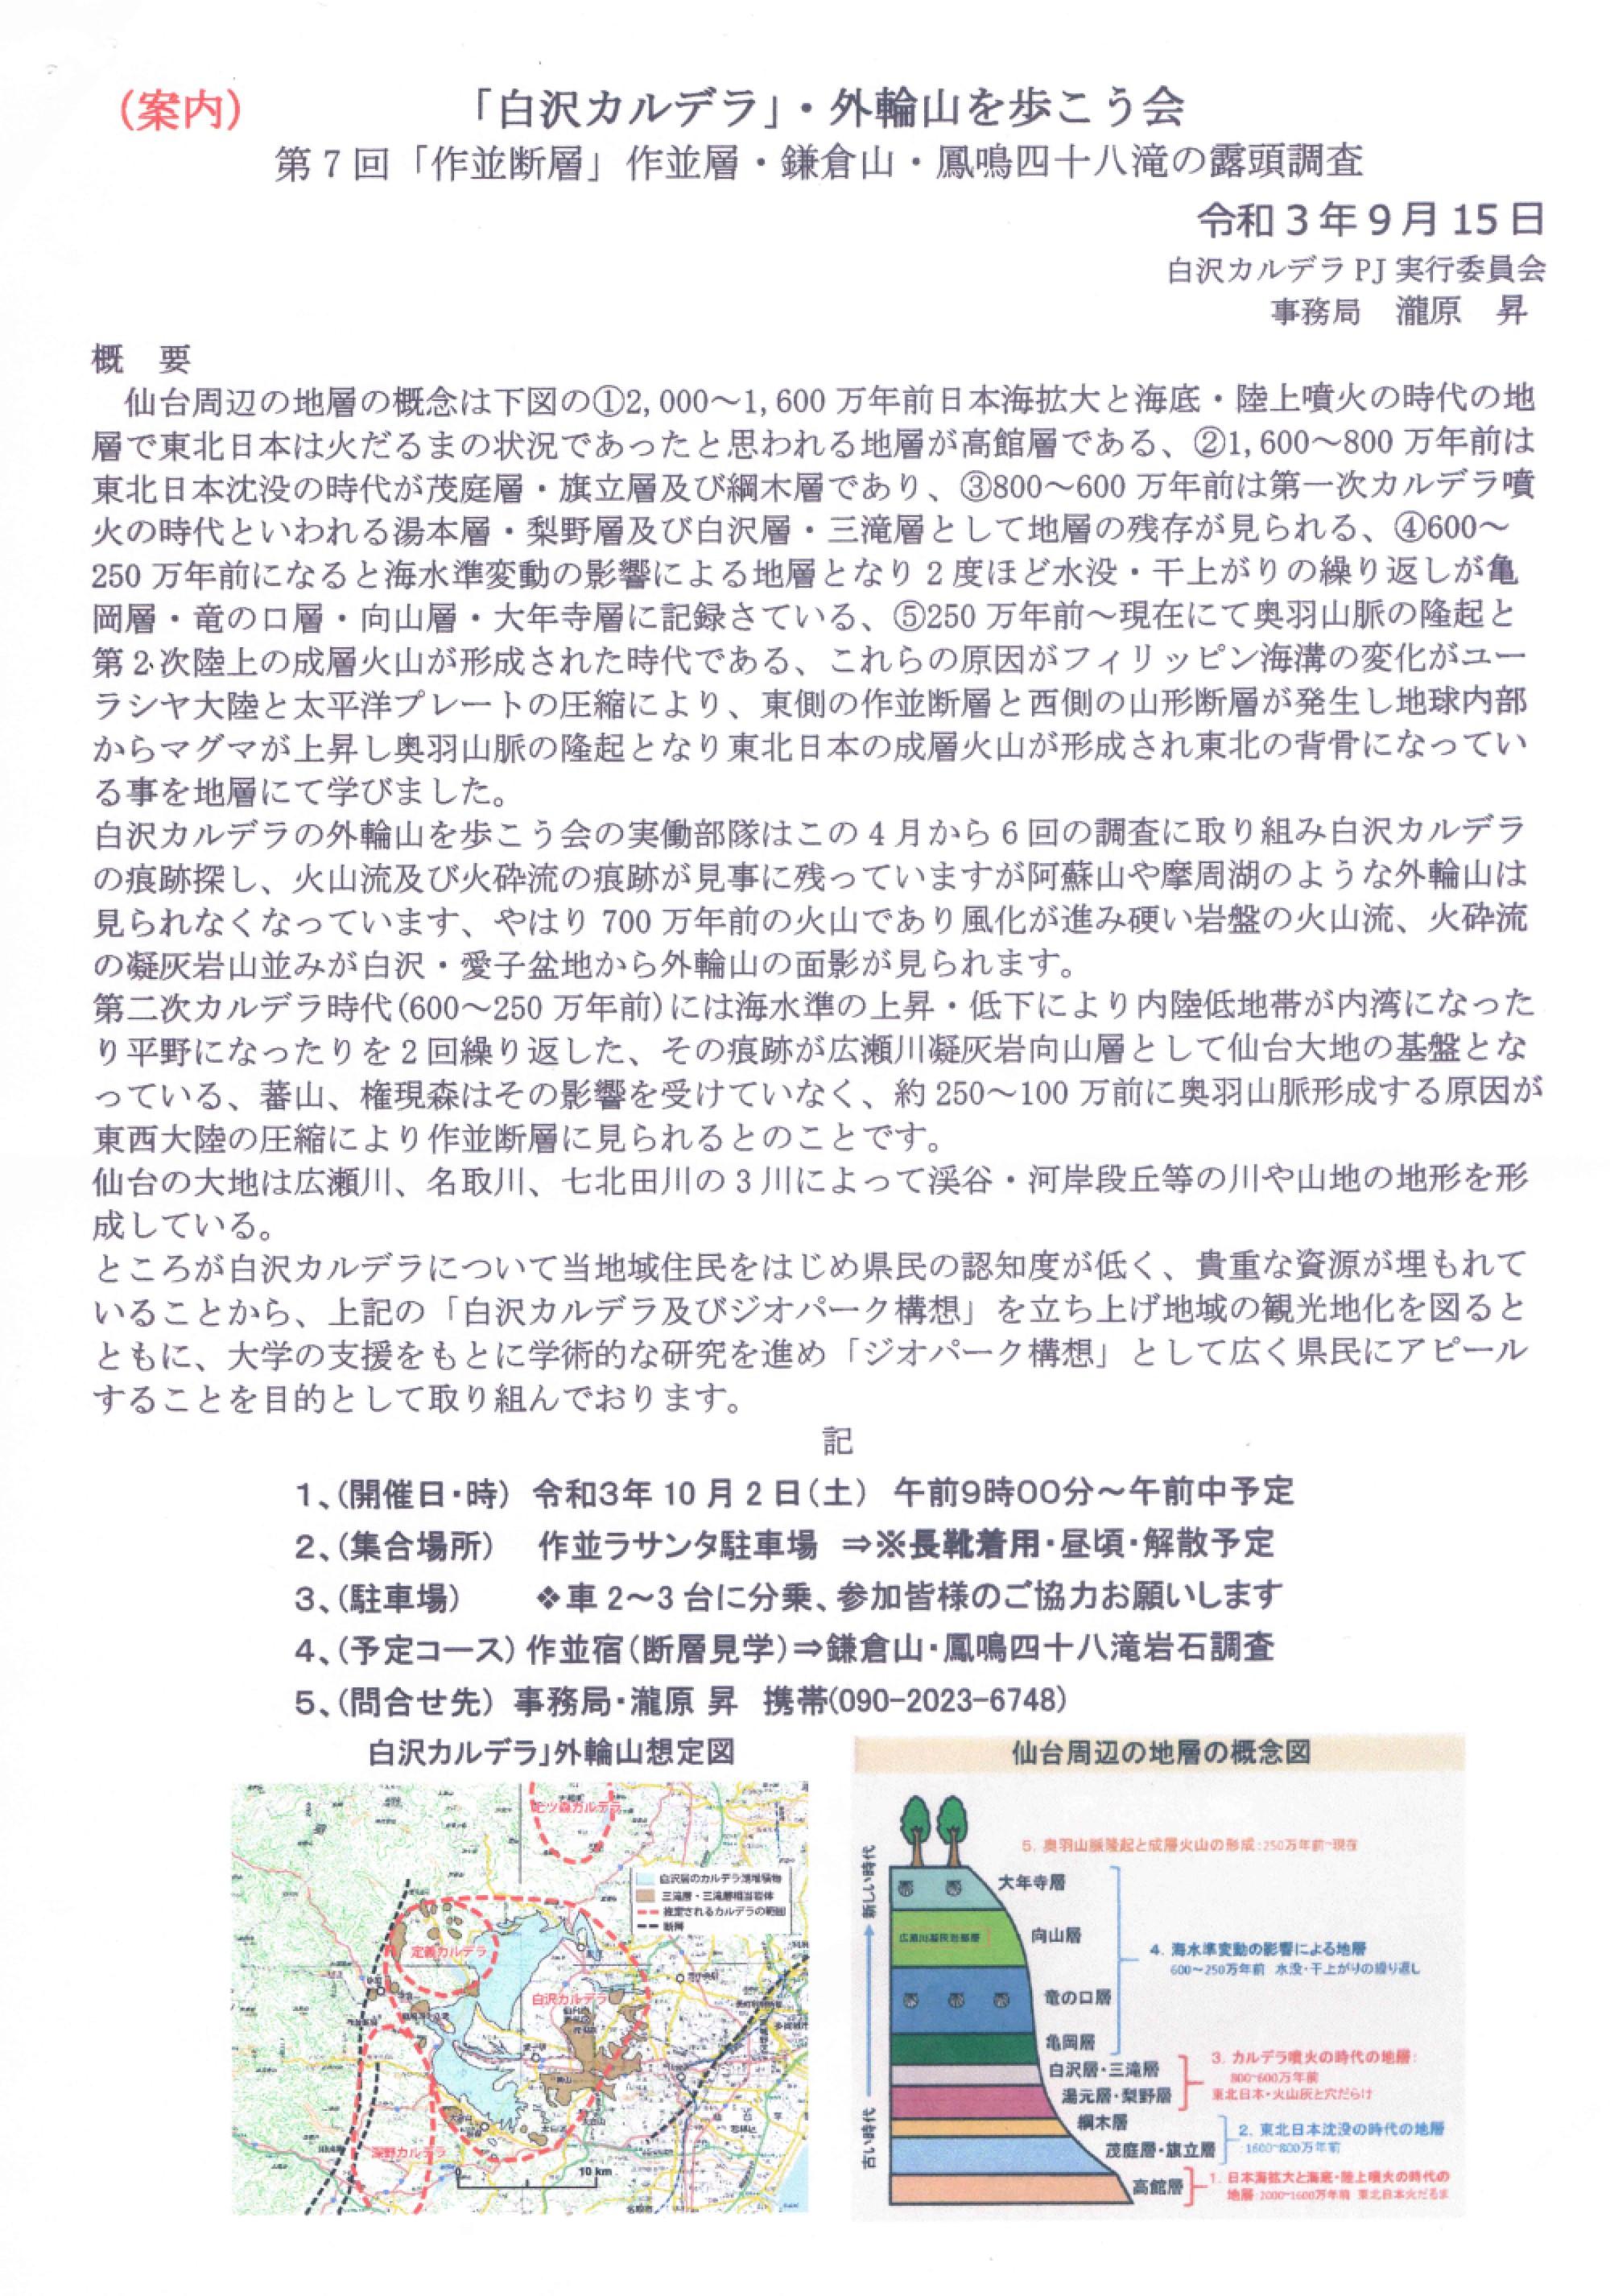 ◆令和3年10月2日(土)「白沢カルデラ」・外輪山を歩こう会_第7回調査